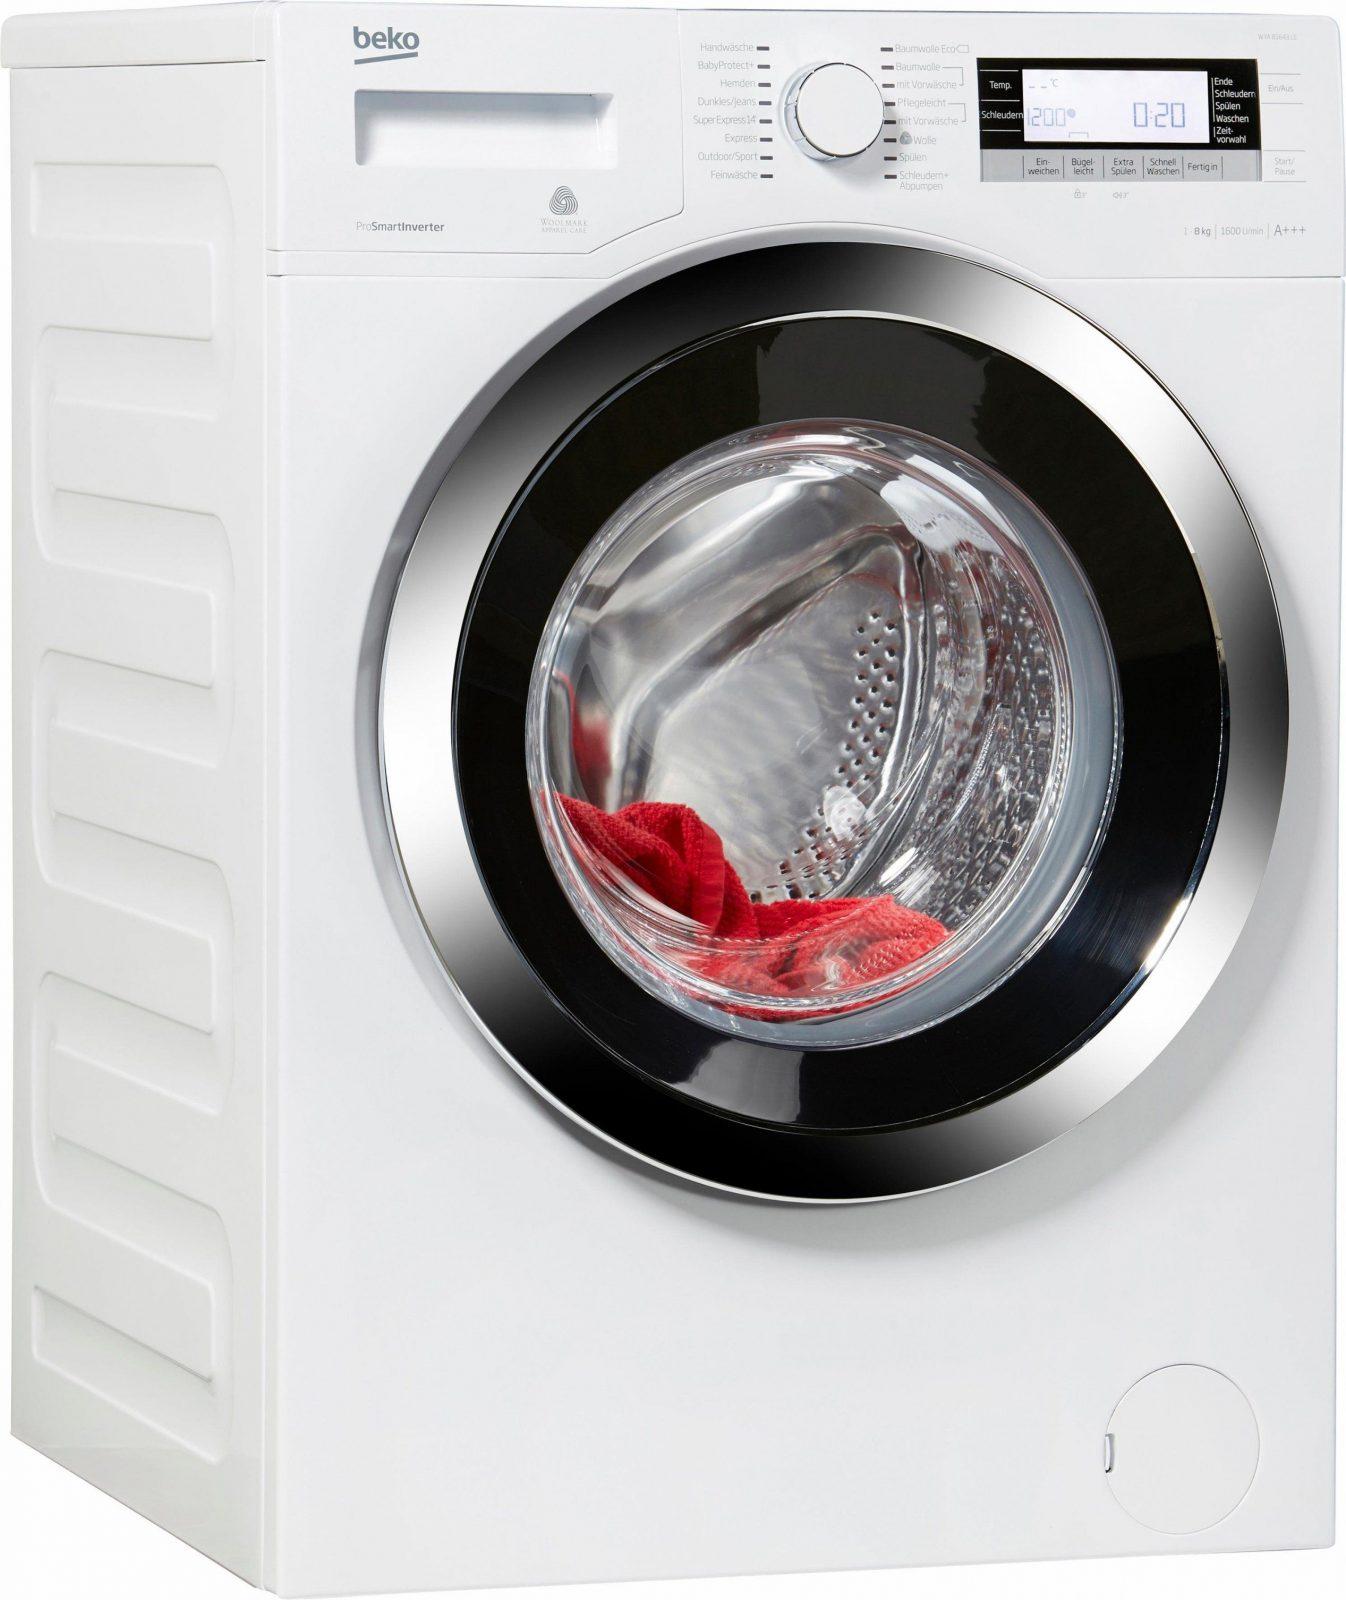 Beko Wya 81643 Le Waschmaschine Im Test 2018 von Beko Wmb 71443 Pte Stiftung Warentest Bild